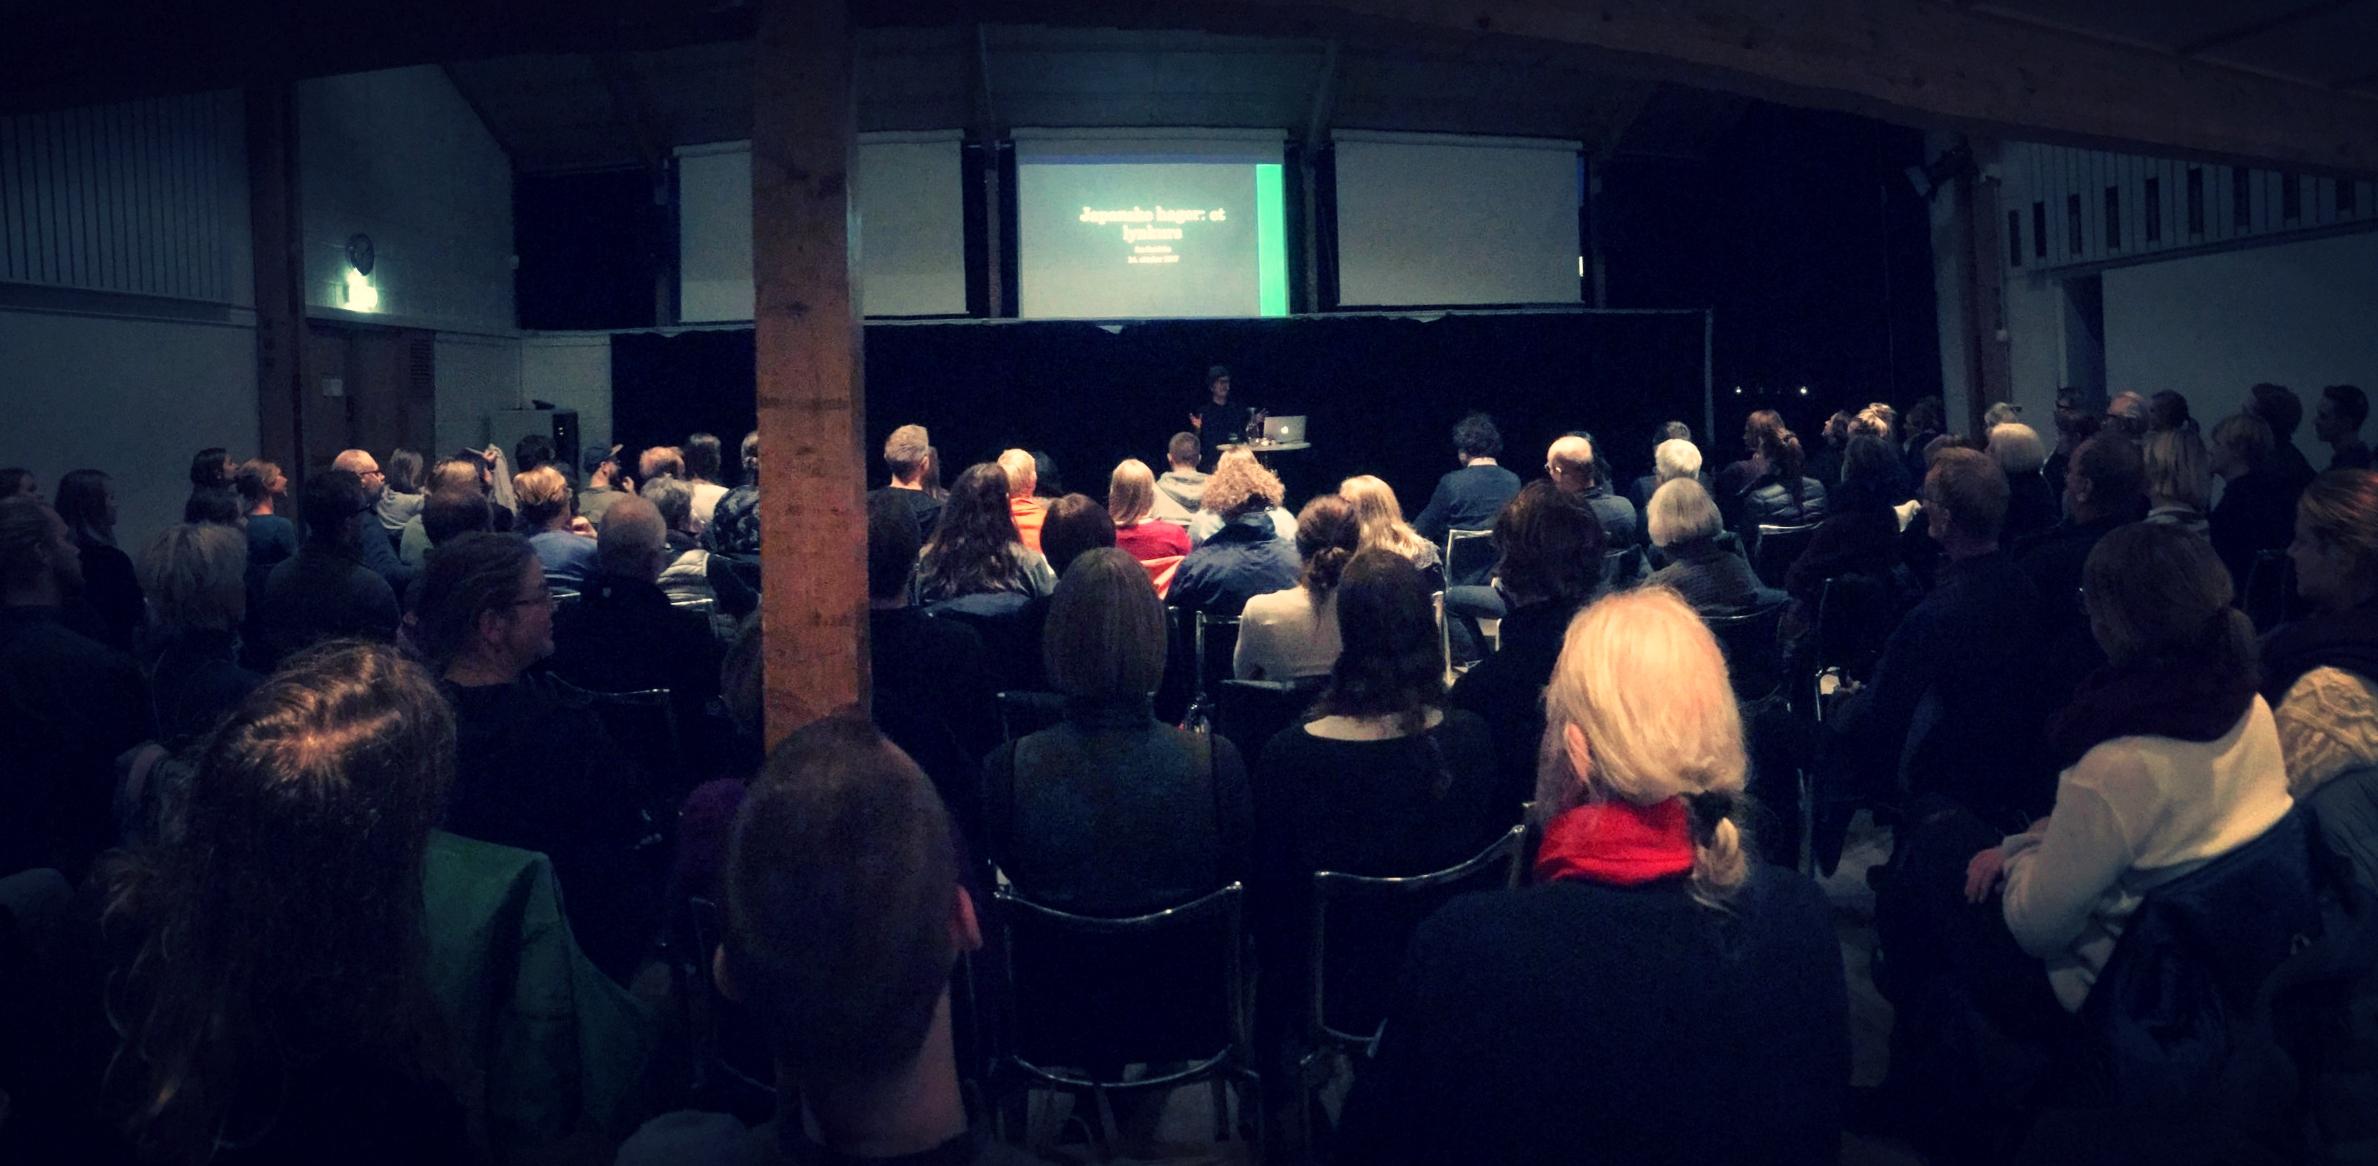 Fullsatt på Arkitektenes Hus på tirsdag. Foto: Alv Aamo Skogstad.